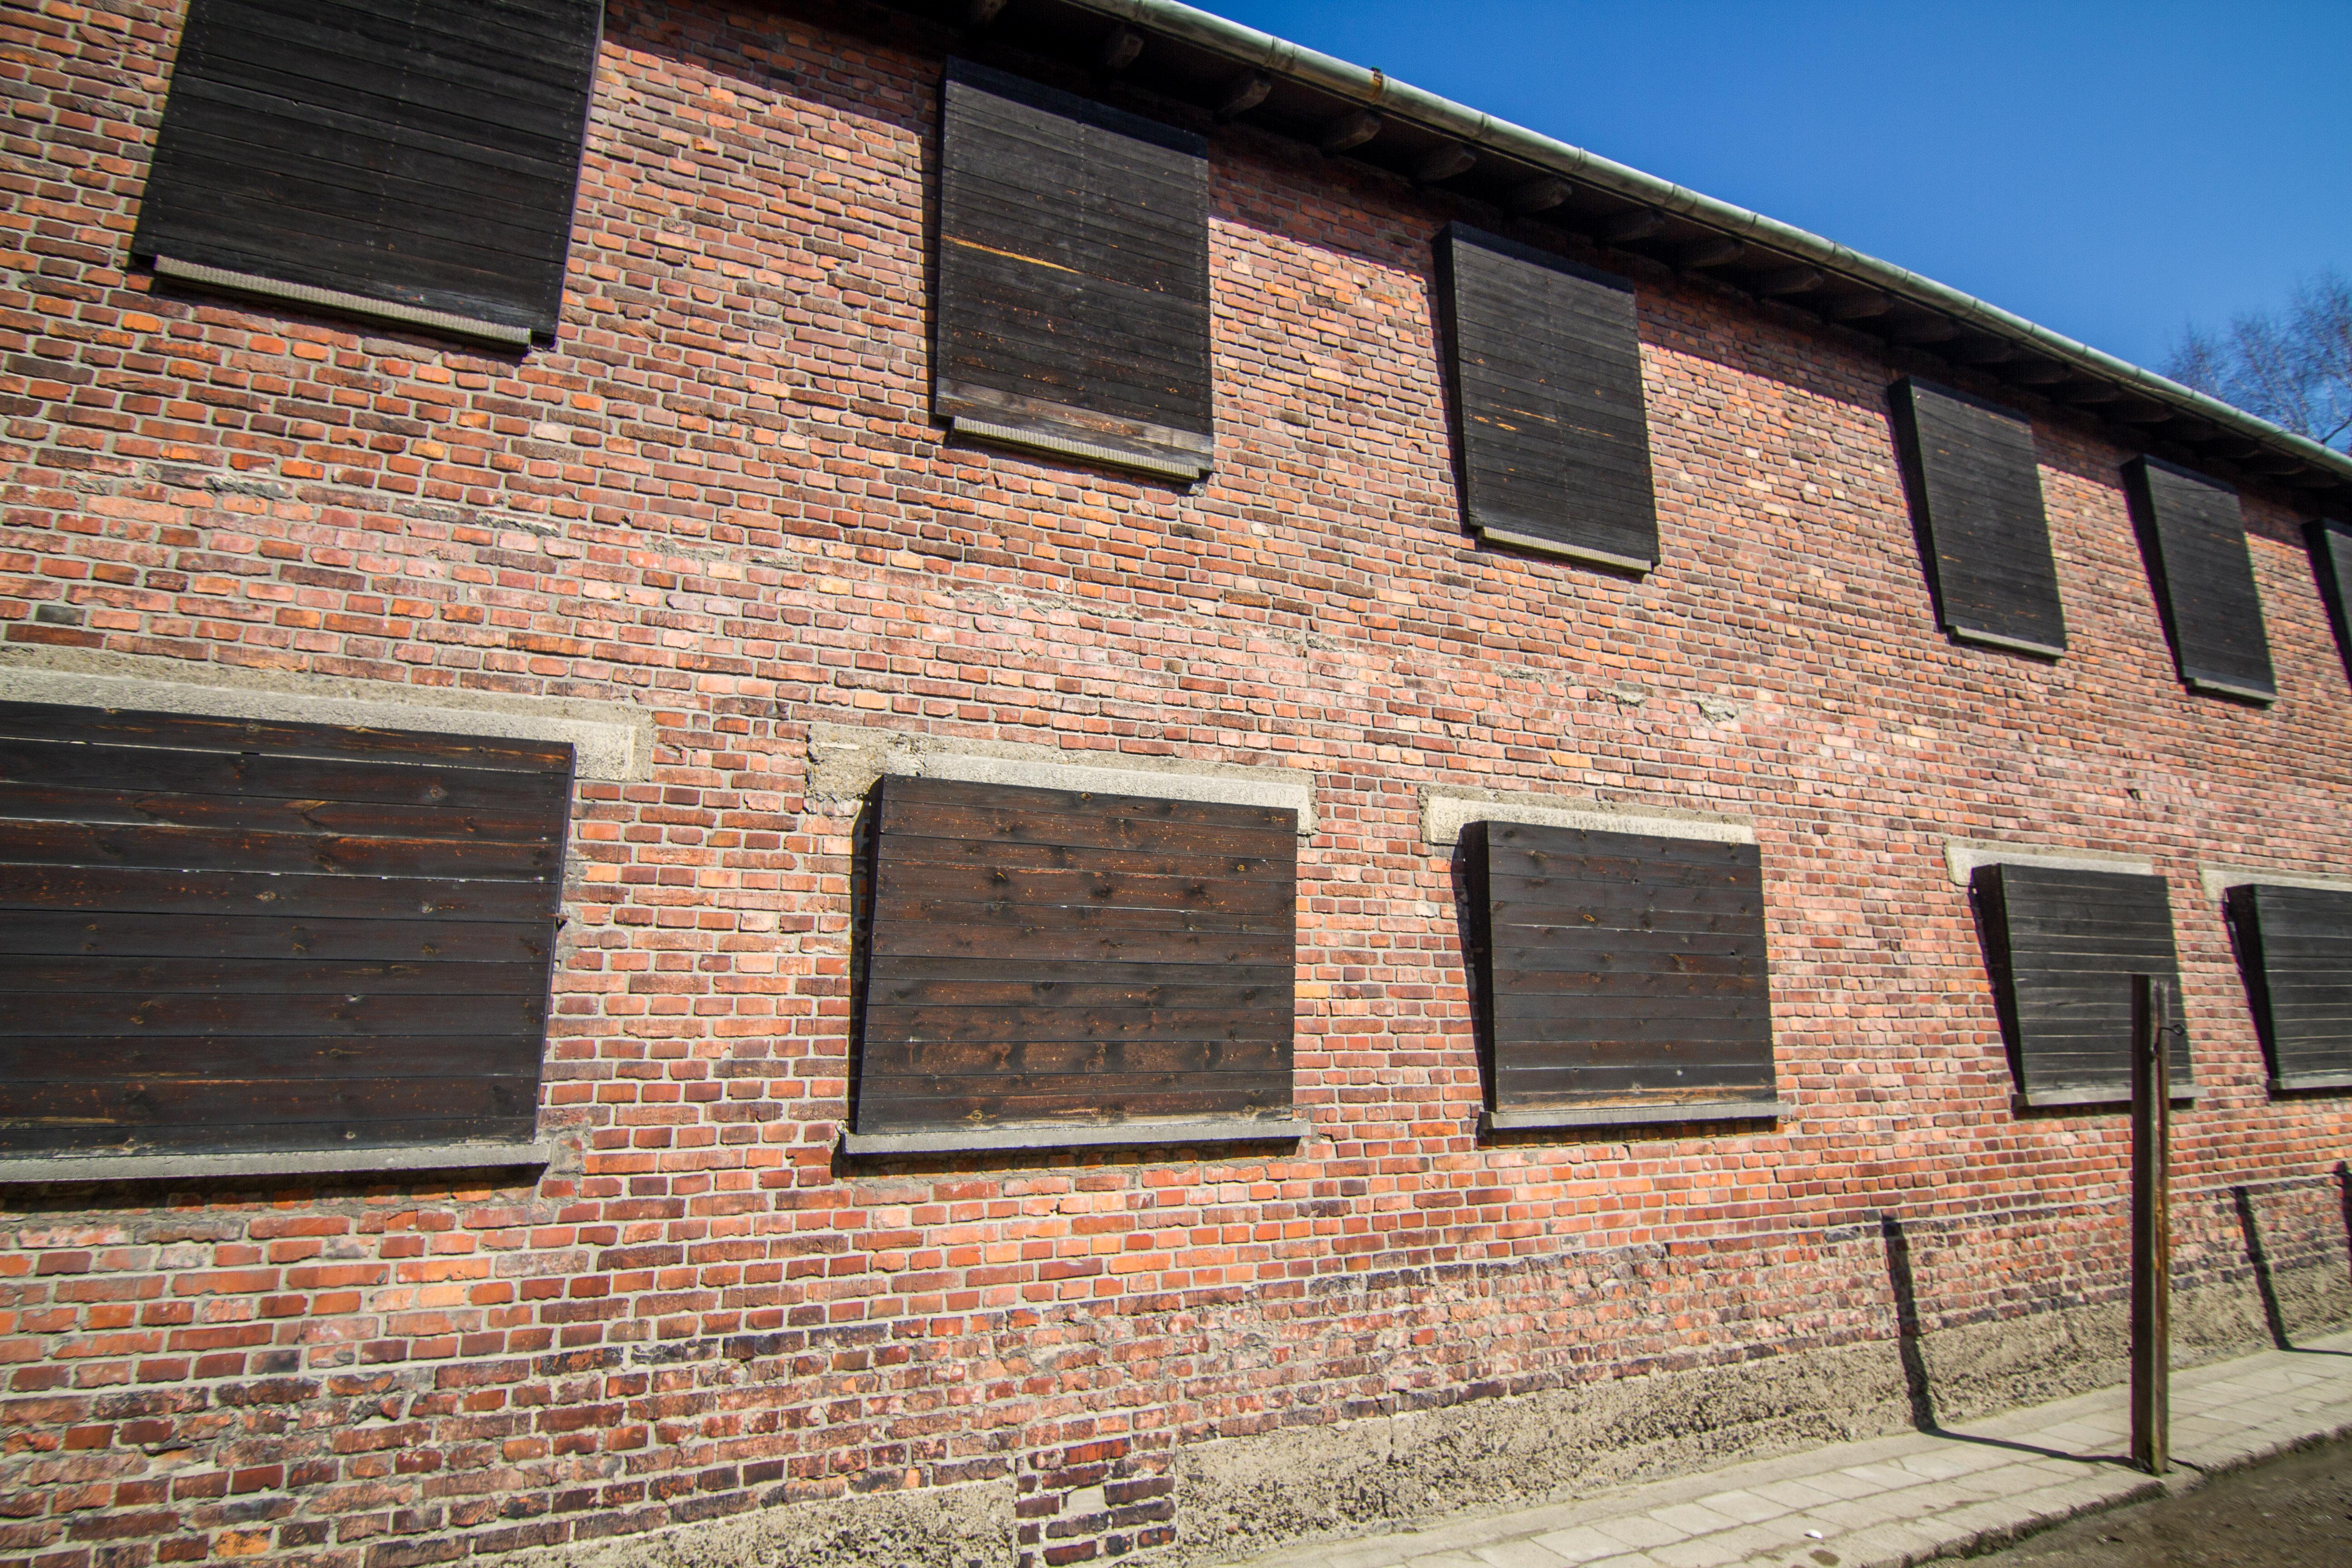 Prisoner photos auschwitz women prisoners photos auschwitz birkenau